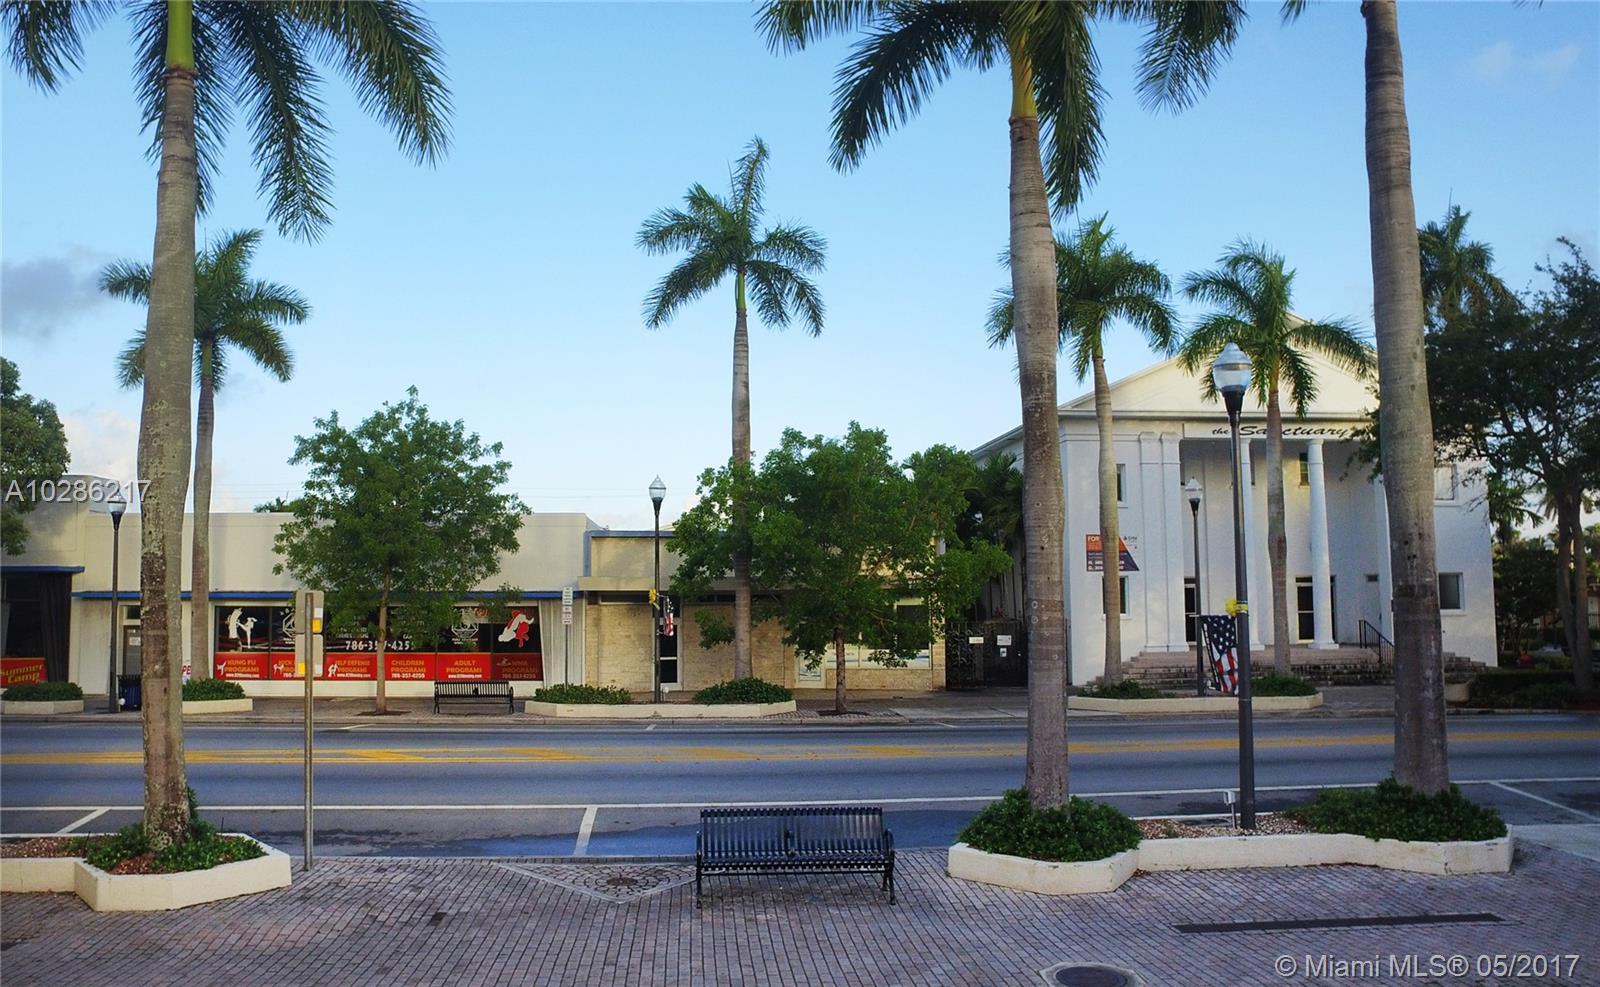 234 N Krome Ave # 234 an, Homestead, FL 33030